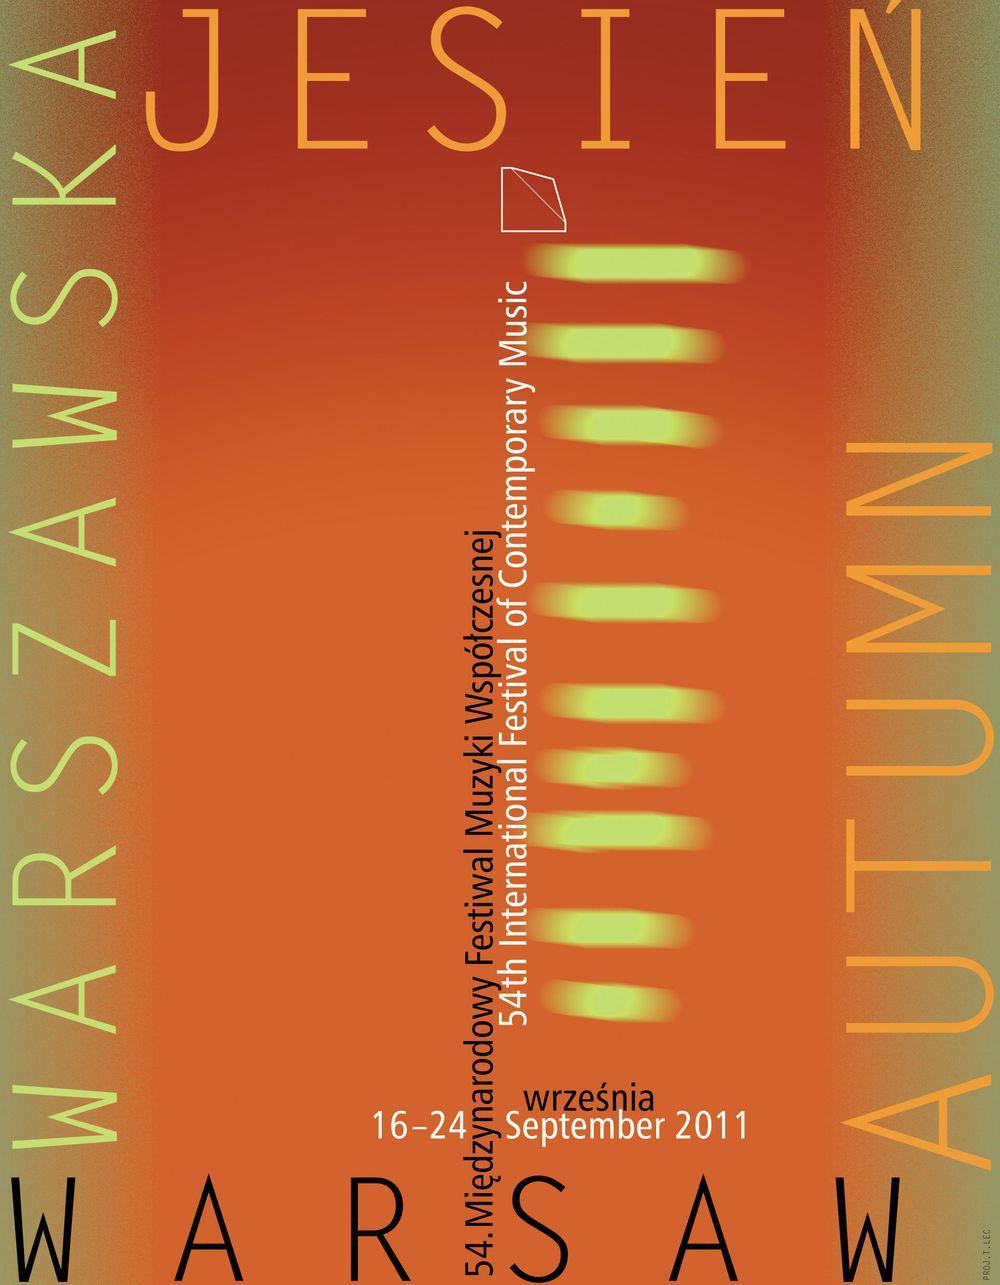 Międzynarodowy Festiwal Muzyki Współczesnej Warszawska Jesień, plakat (zdjęcie pochodzi z materiałów organizatora)